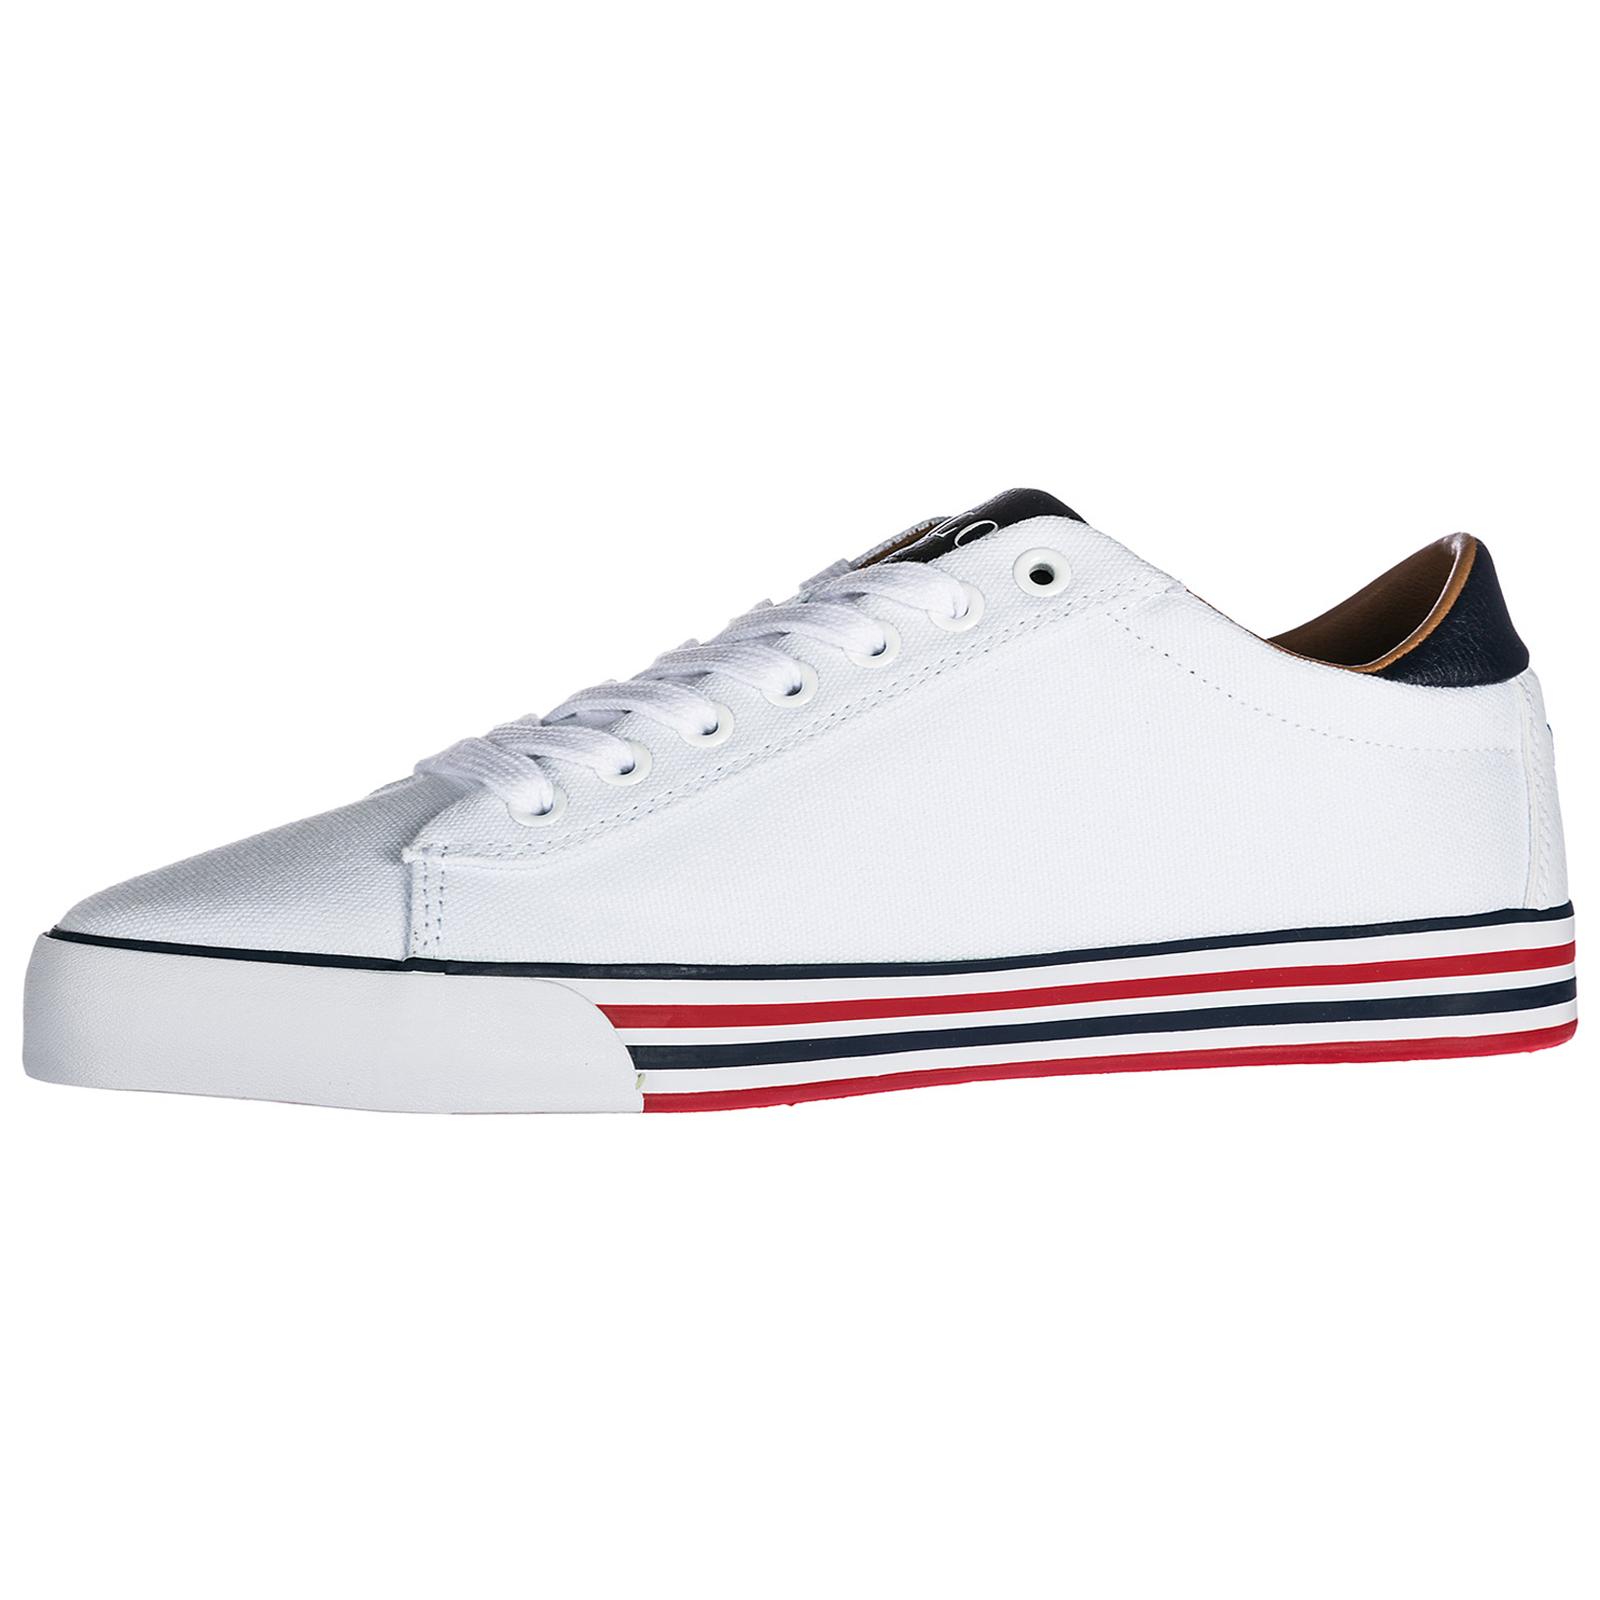 Men's shoes cotton trainers sneakers harvey